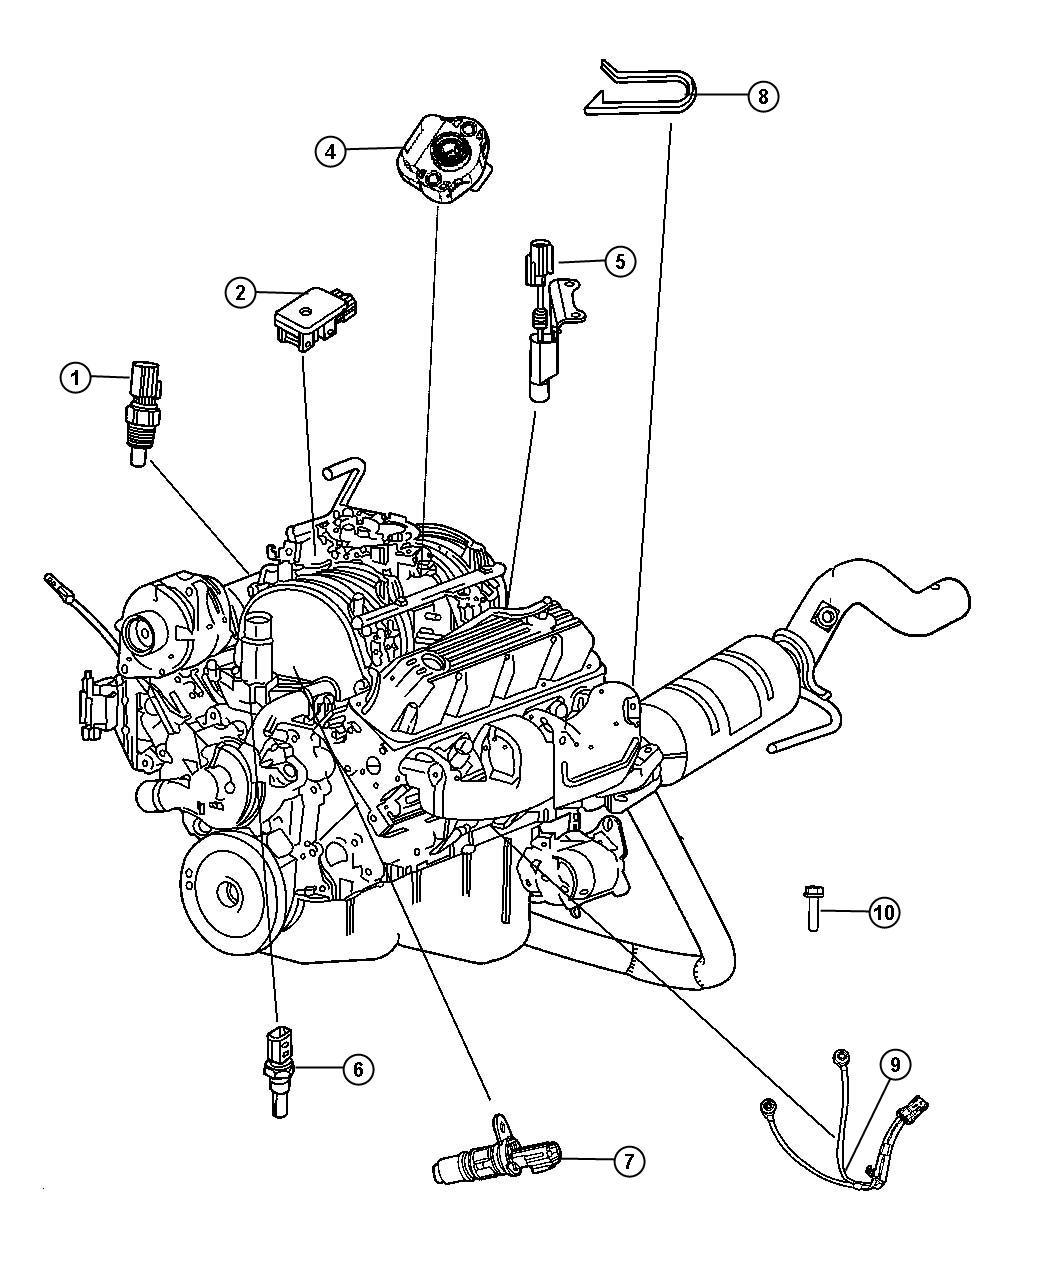 hight resolution of chrysler aspen 2009 engine diagram get free image about 2003 chrysler sebring alternator 2000 chrysler sebring